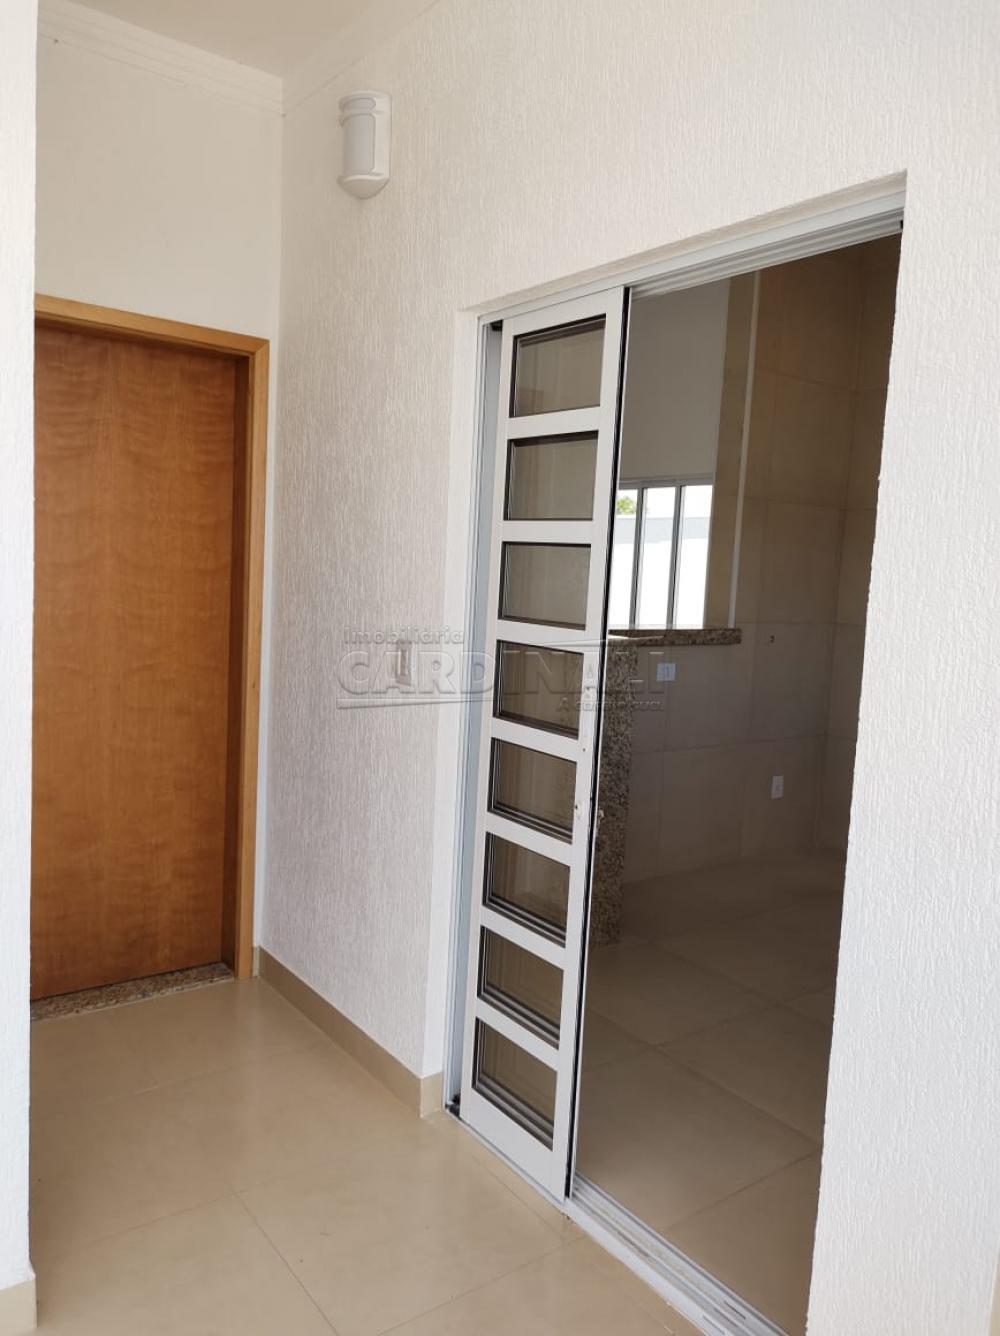 Comprar Casa / Condomínio em Araraquara R$ 480.000,00 - Foto 26